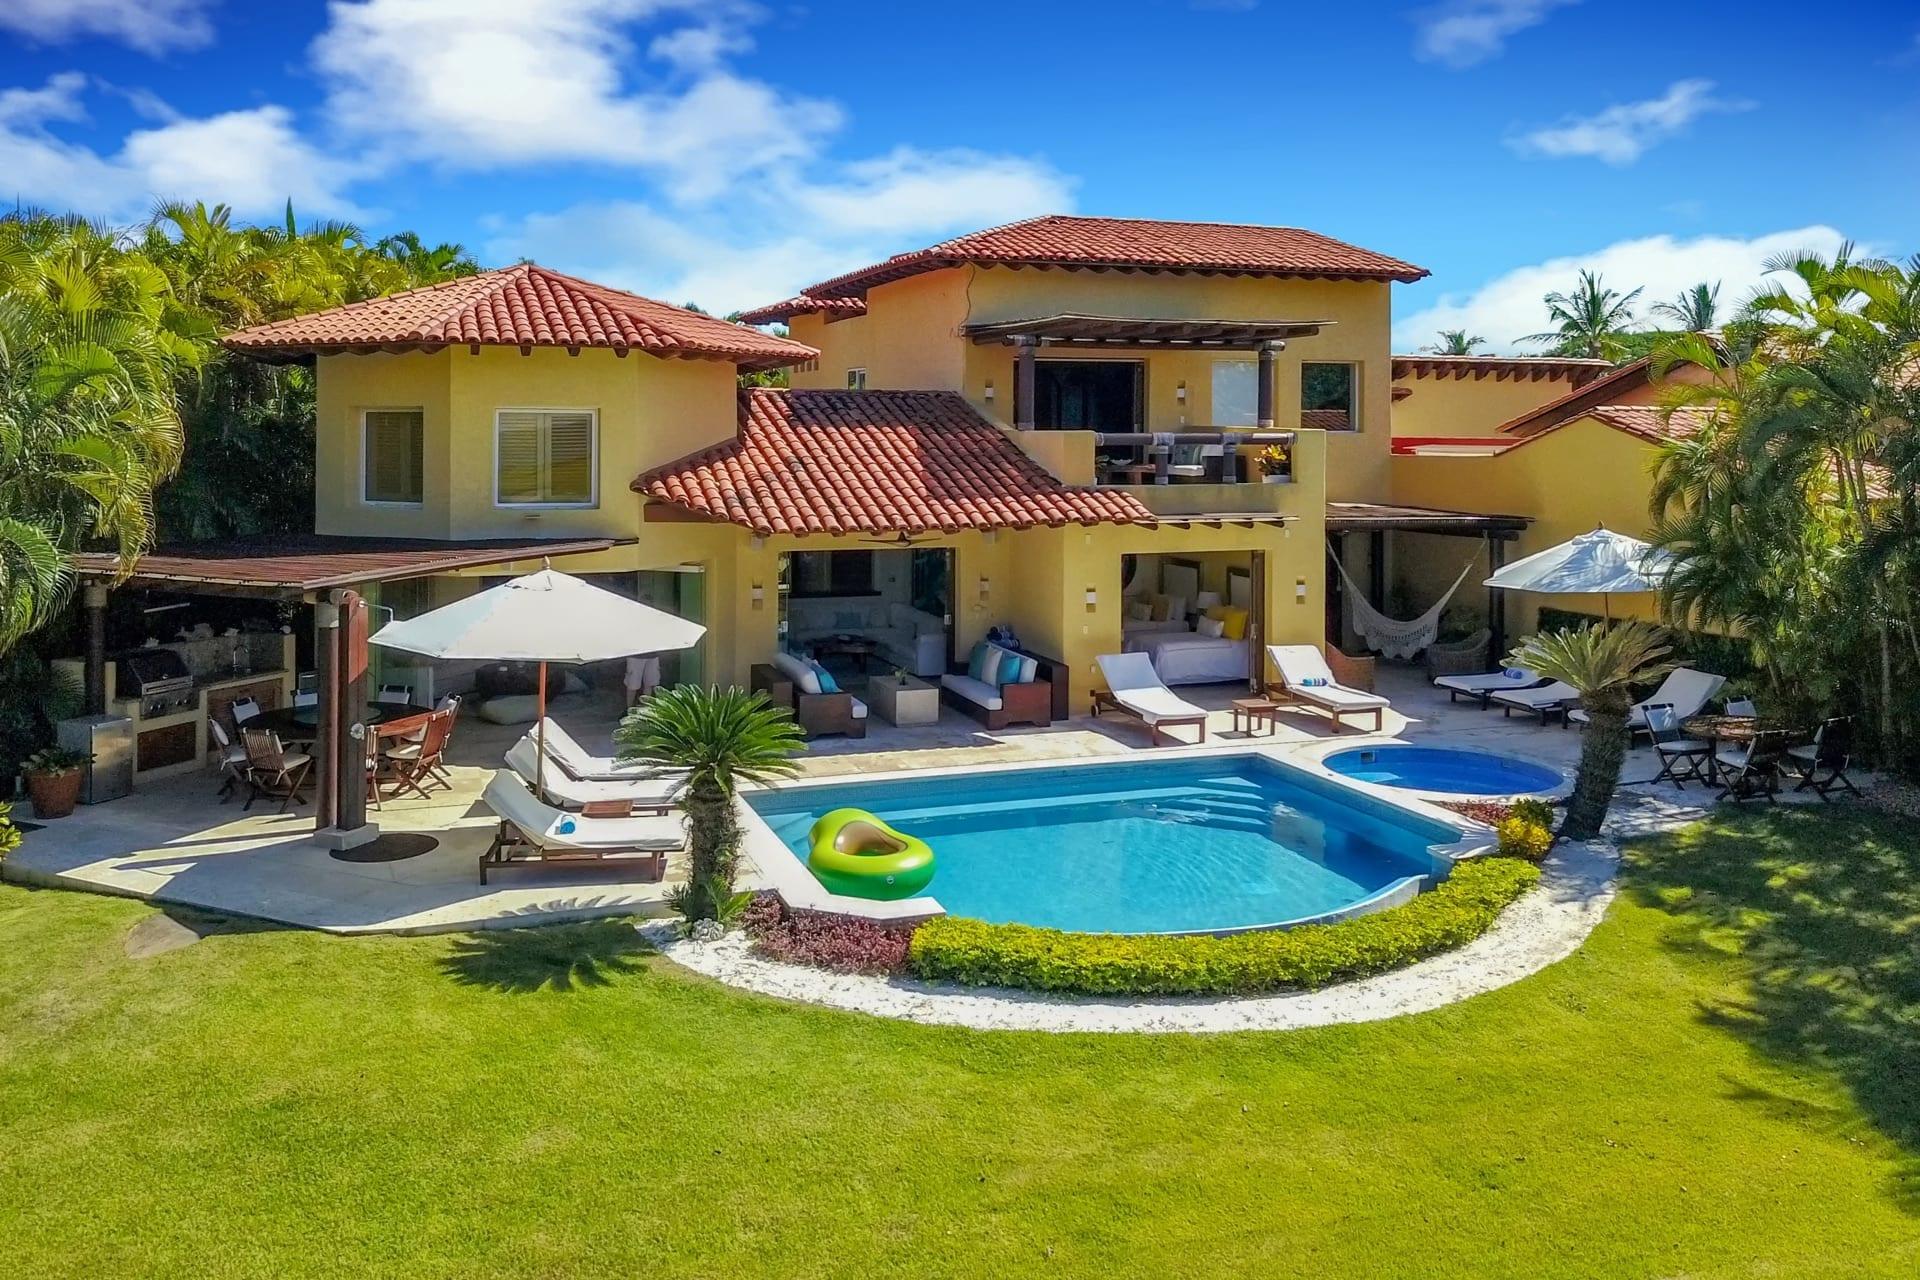 Villa Ipanema Las Palmas